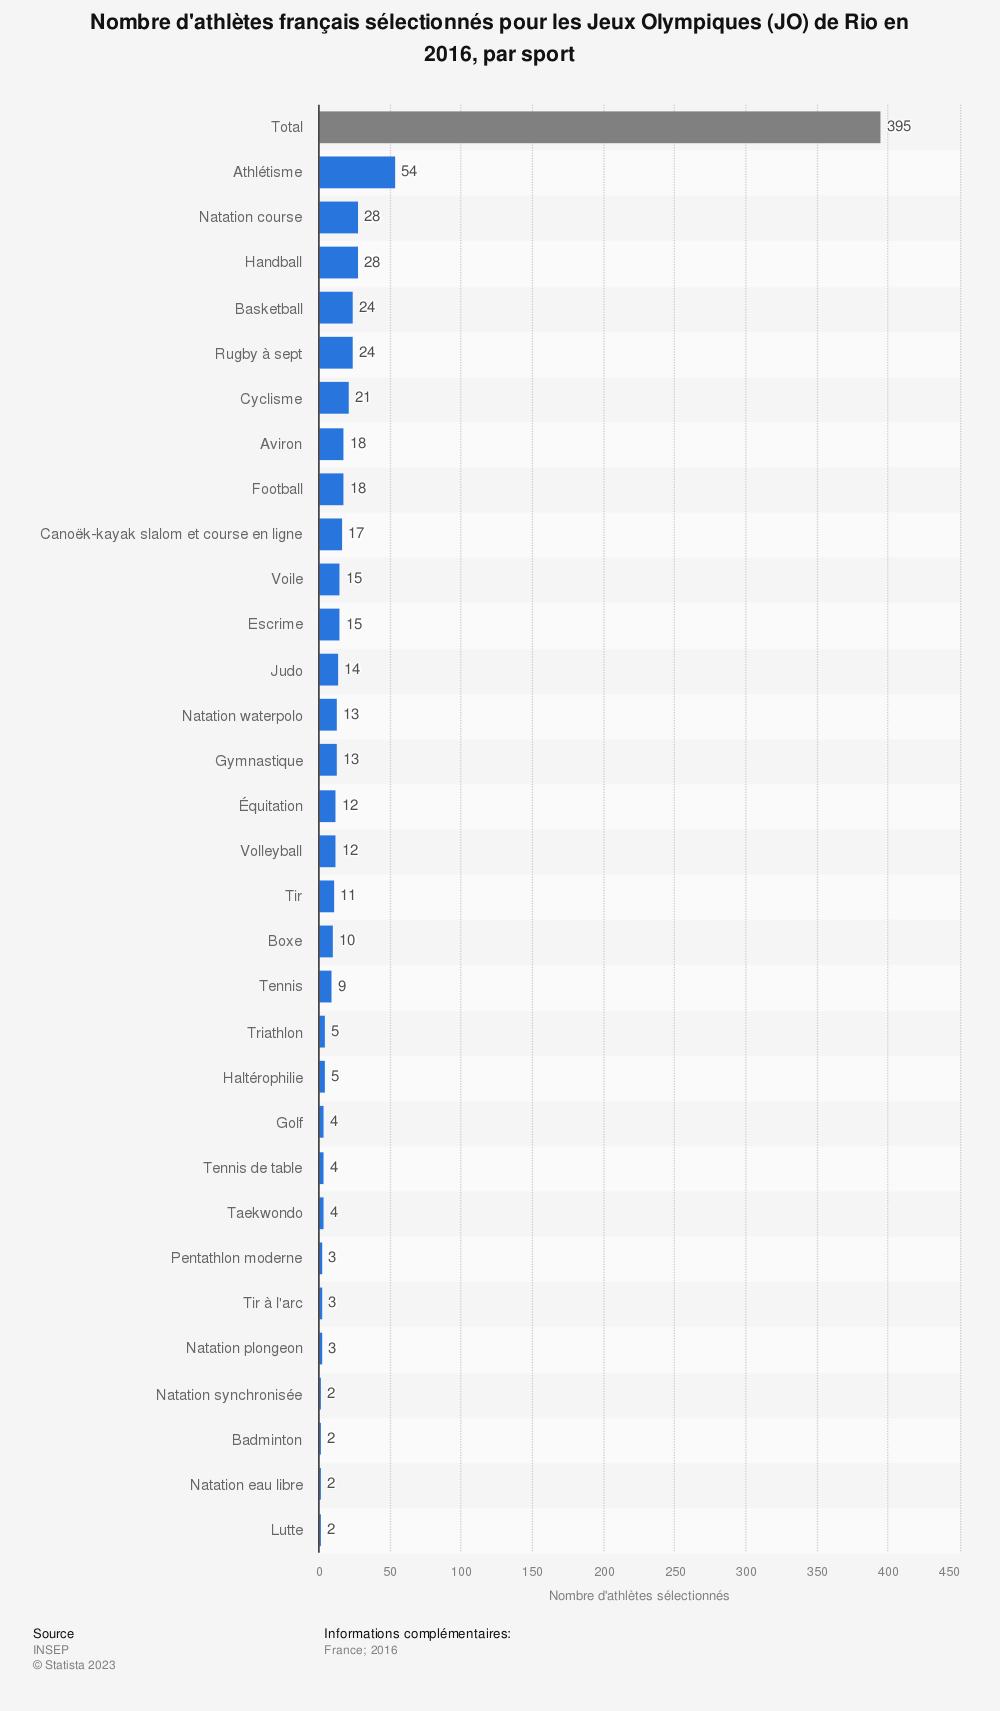 Statistique: Nombre d'athlètes français sélectionnés pour les Jeux Olympiques (JO) de Rio en 2016, par sport | Statista